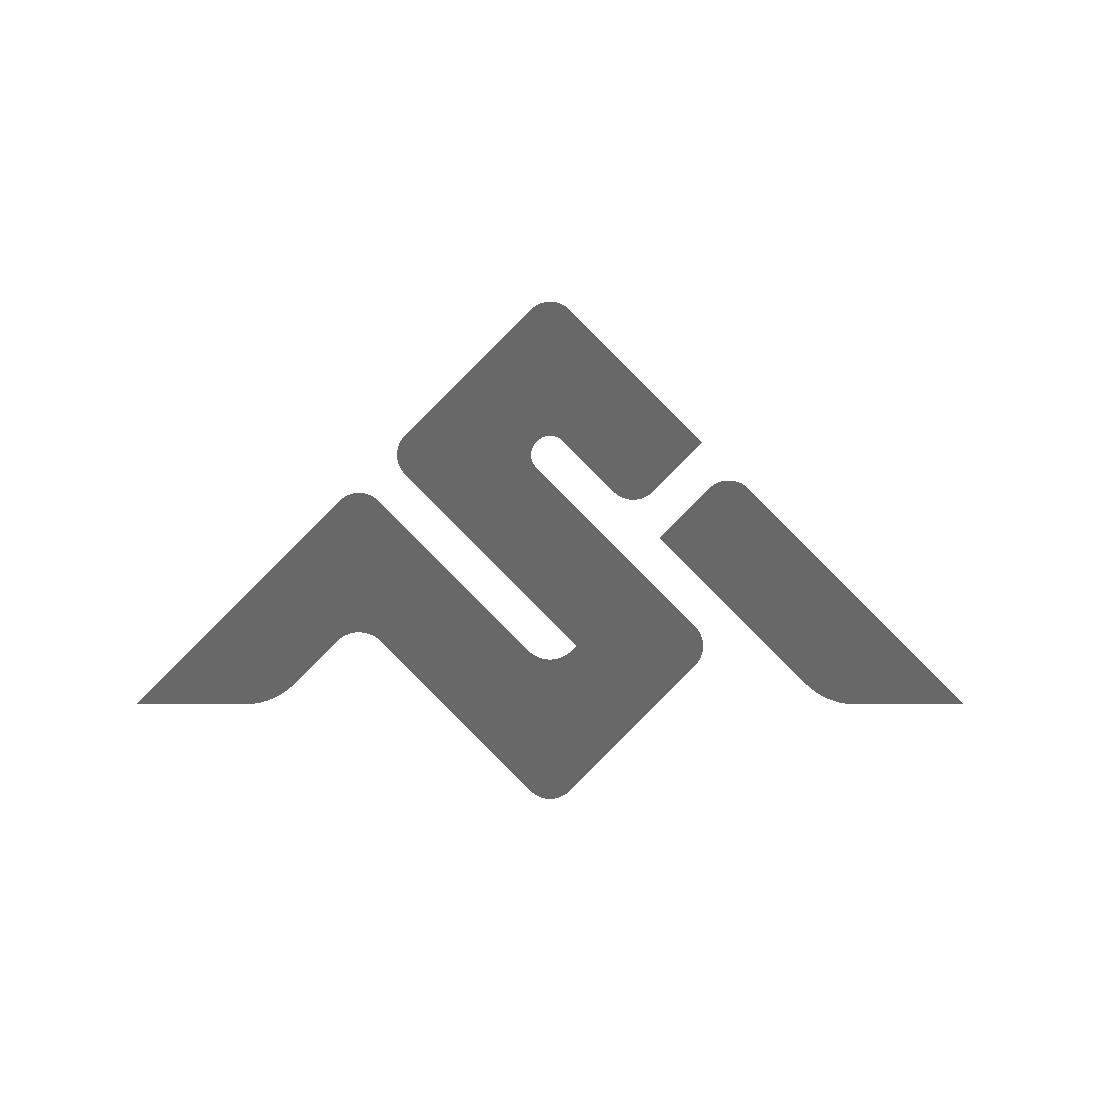 table de ping pong sponeta schoolline s 5 73 i pour utilisation int rieure magasin suisse shop. Black Bedroom Furniture Sets. Home Design Ideas